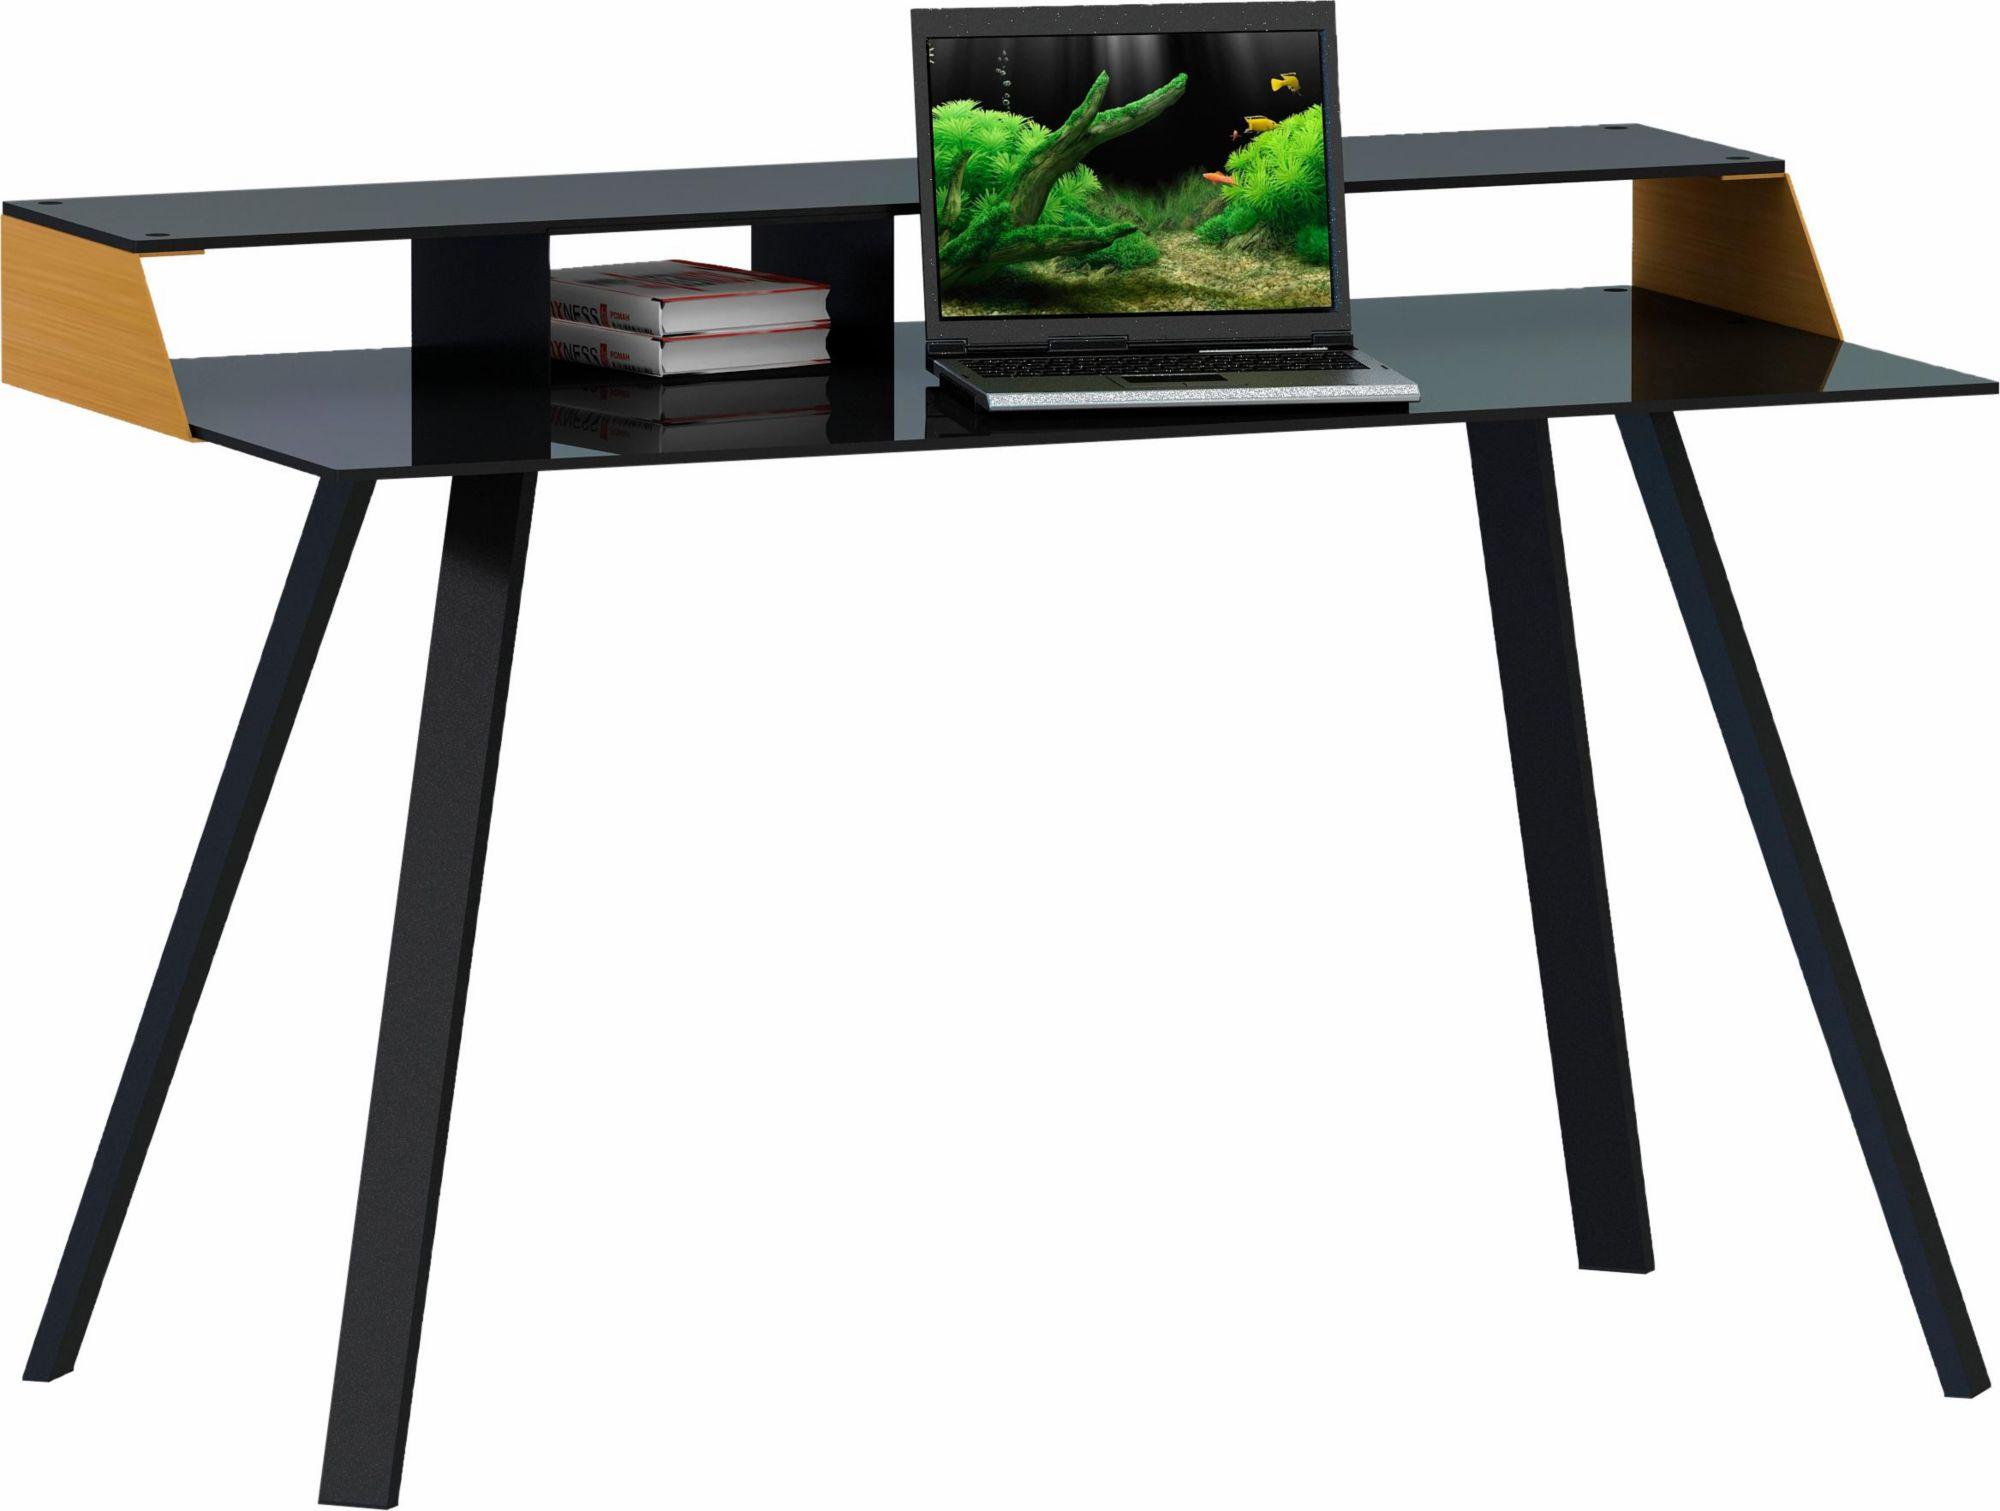 Schreibtisch dunkelbraun g nstig online kaufen beim schwab for Schreibtisch dunkelbraun